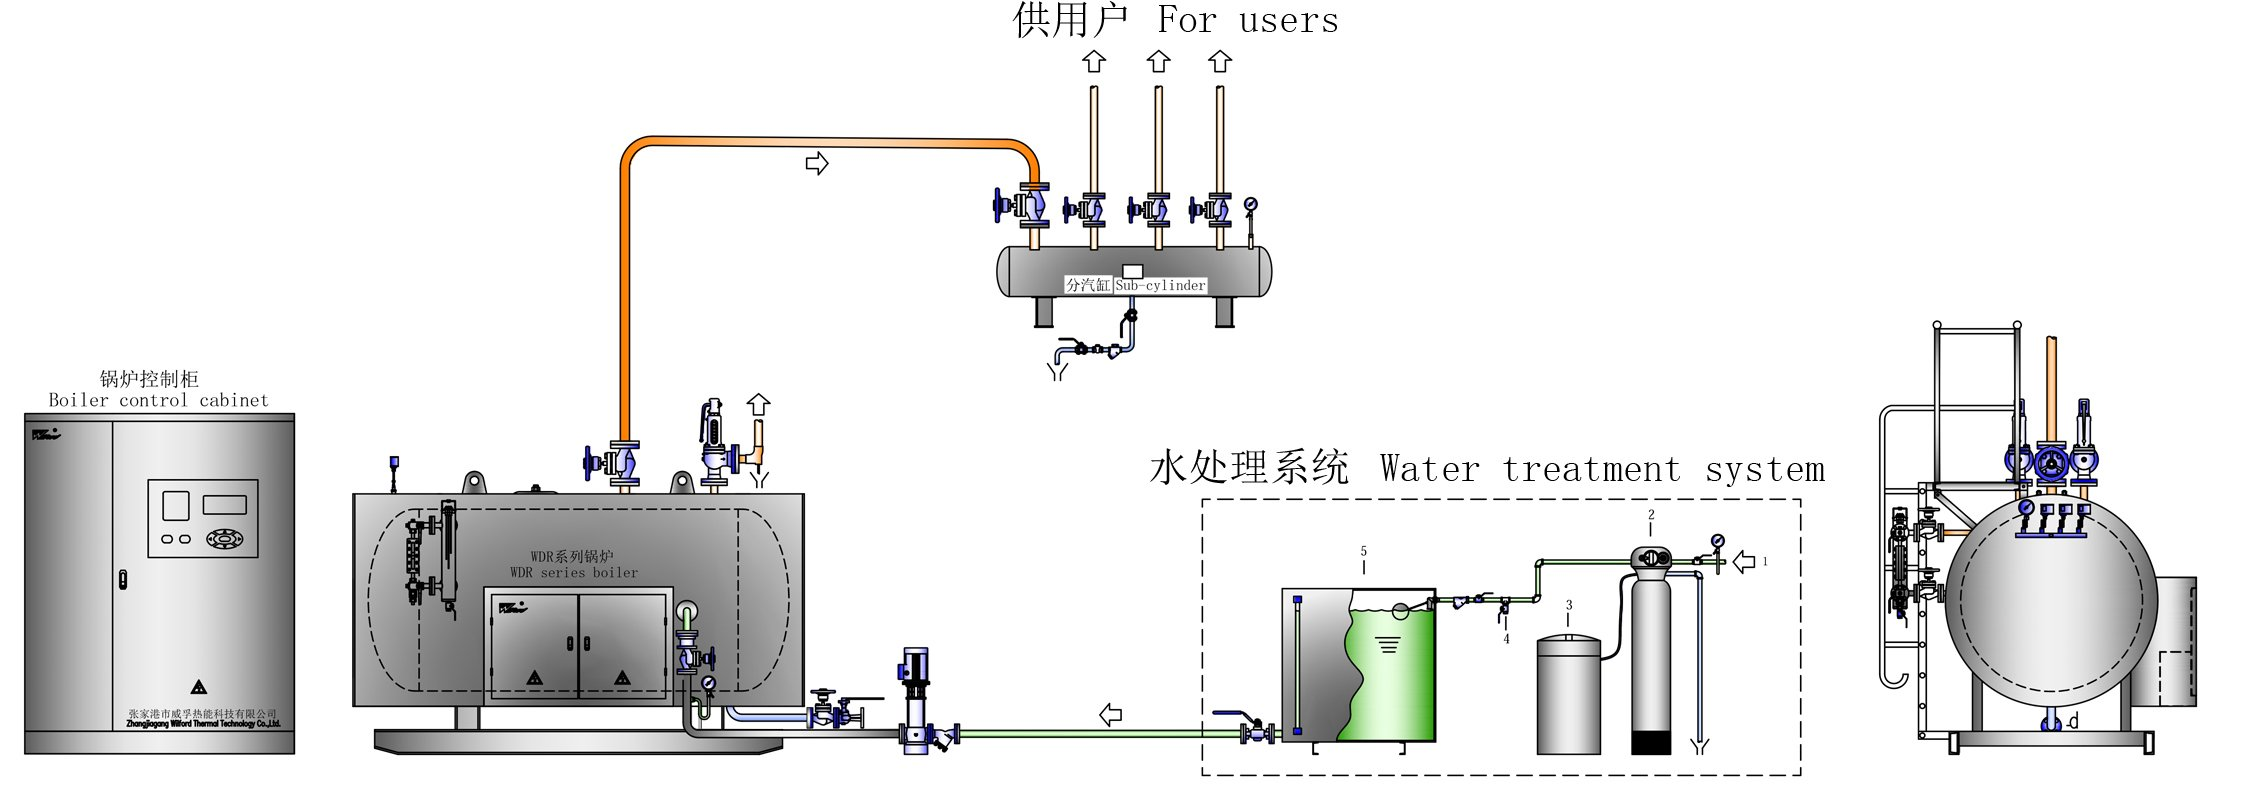 wdr系统图.jpg